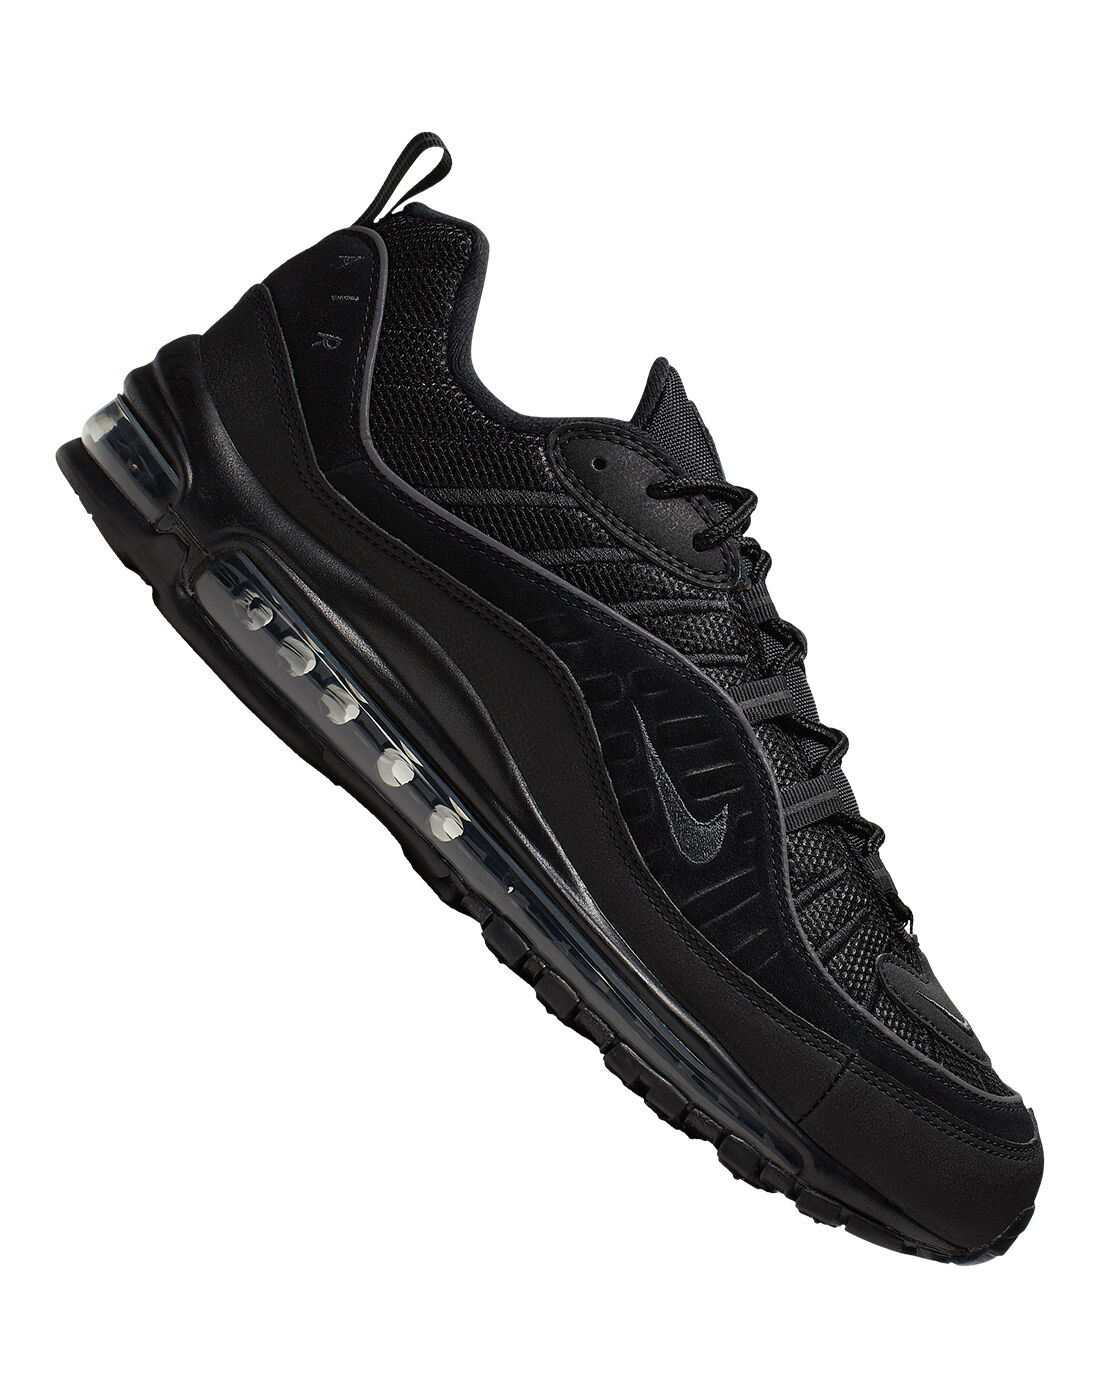 Nike Mens Air Max 98 - Black | Life